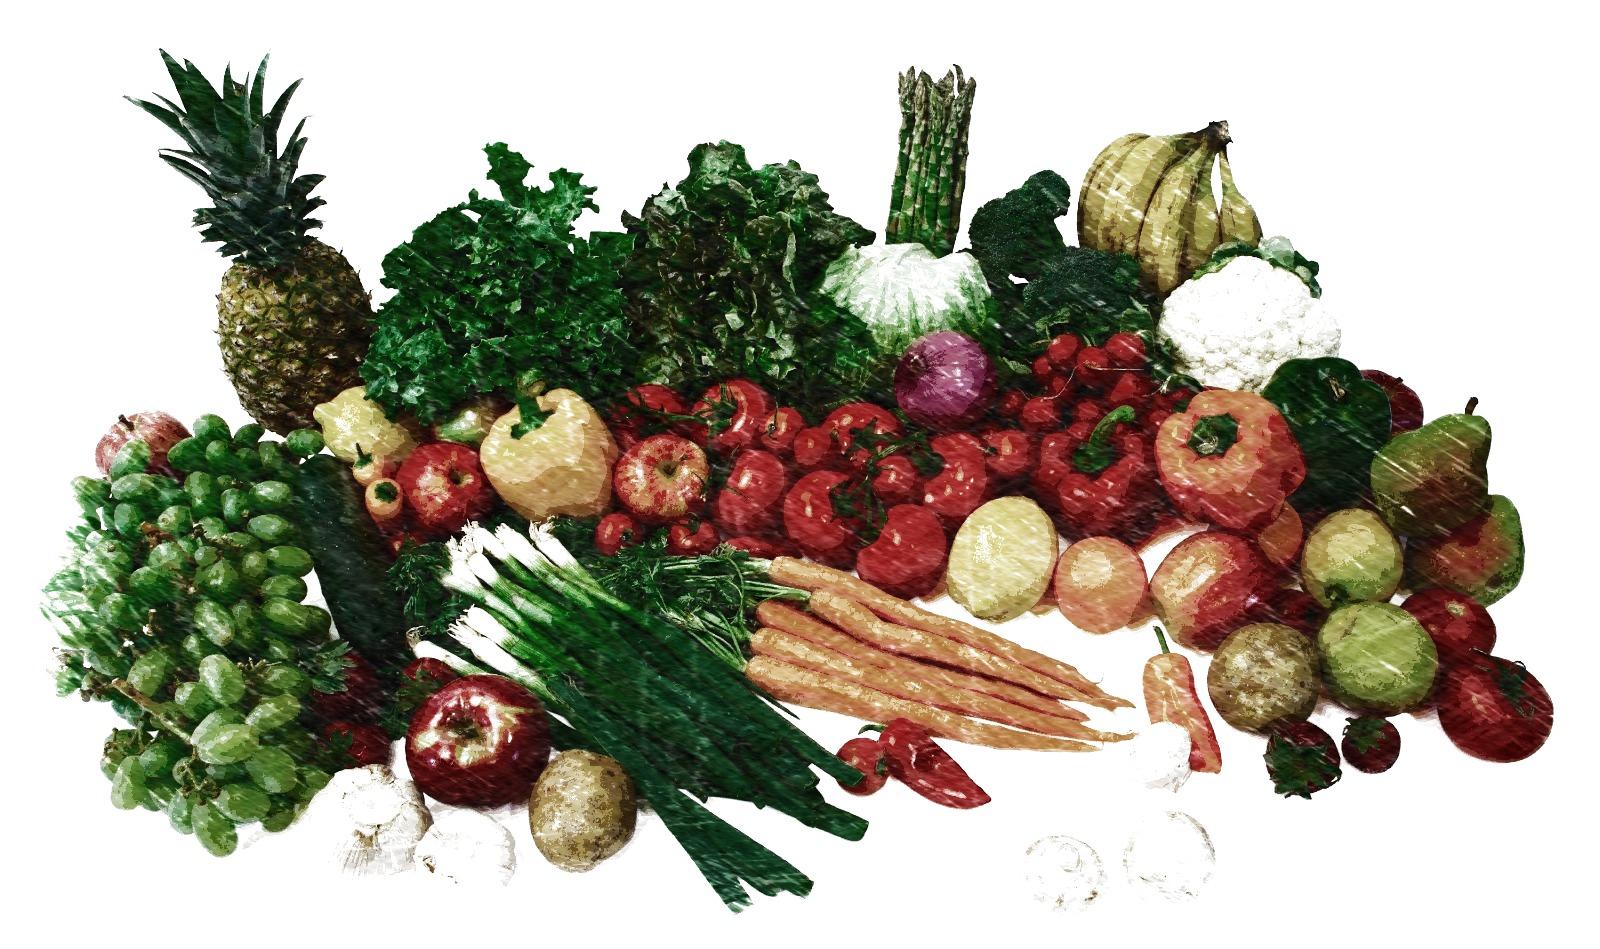 dieta basada en verduras